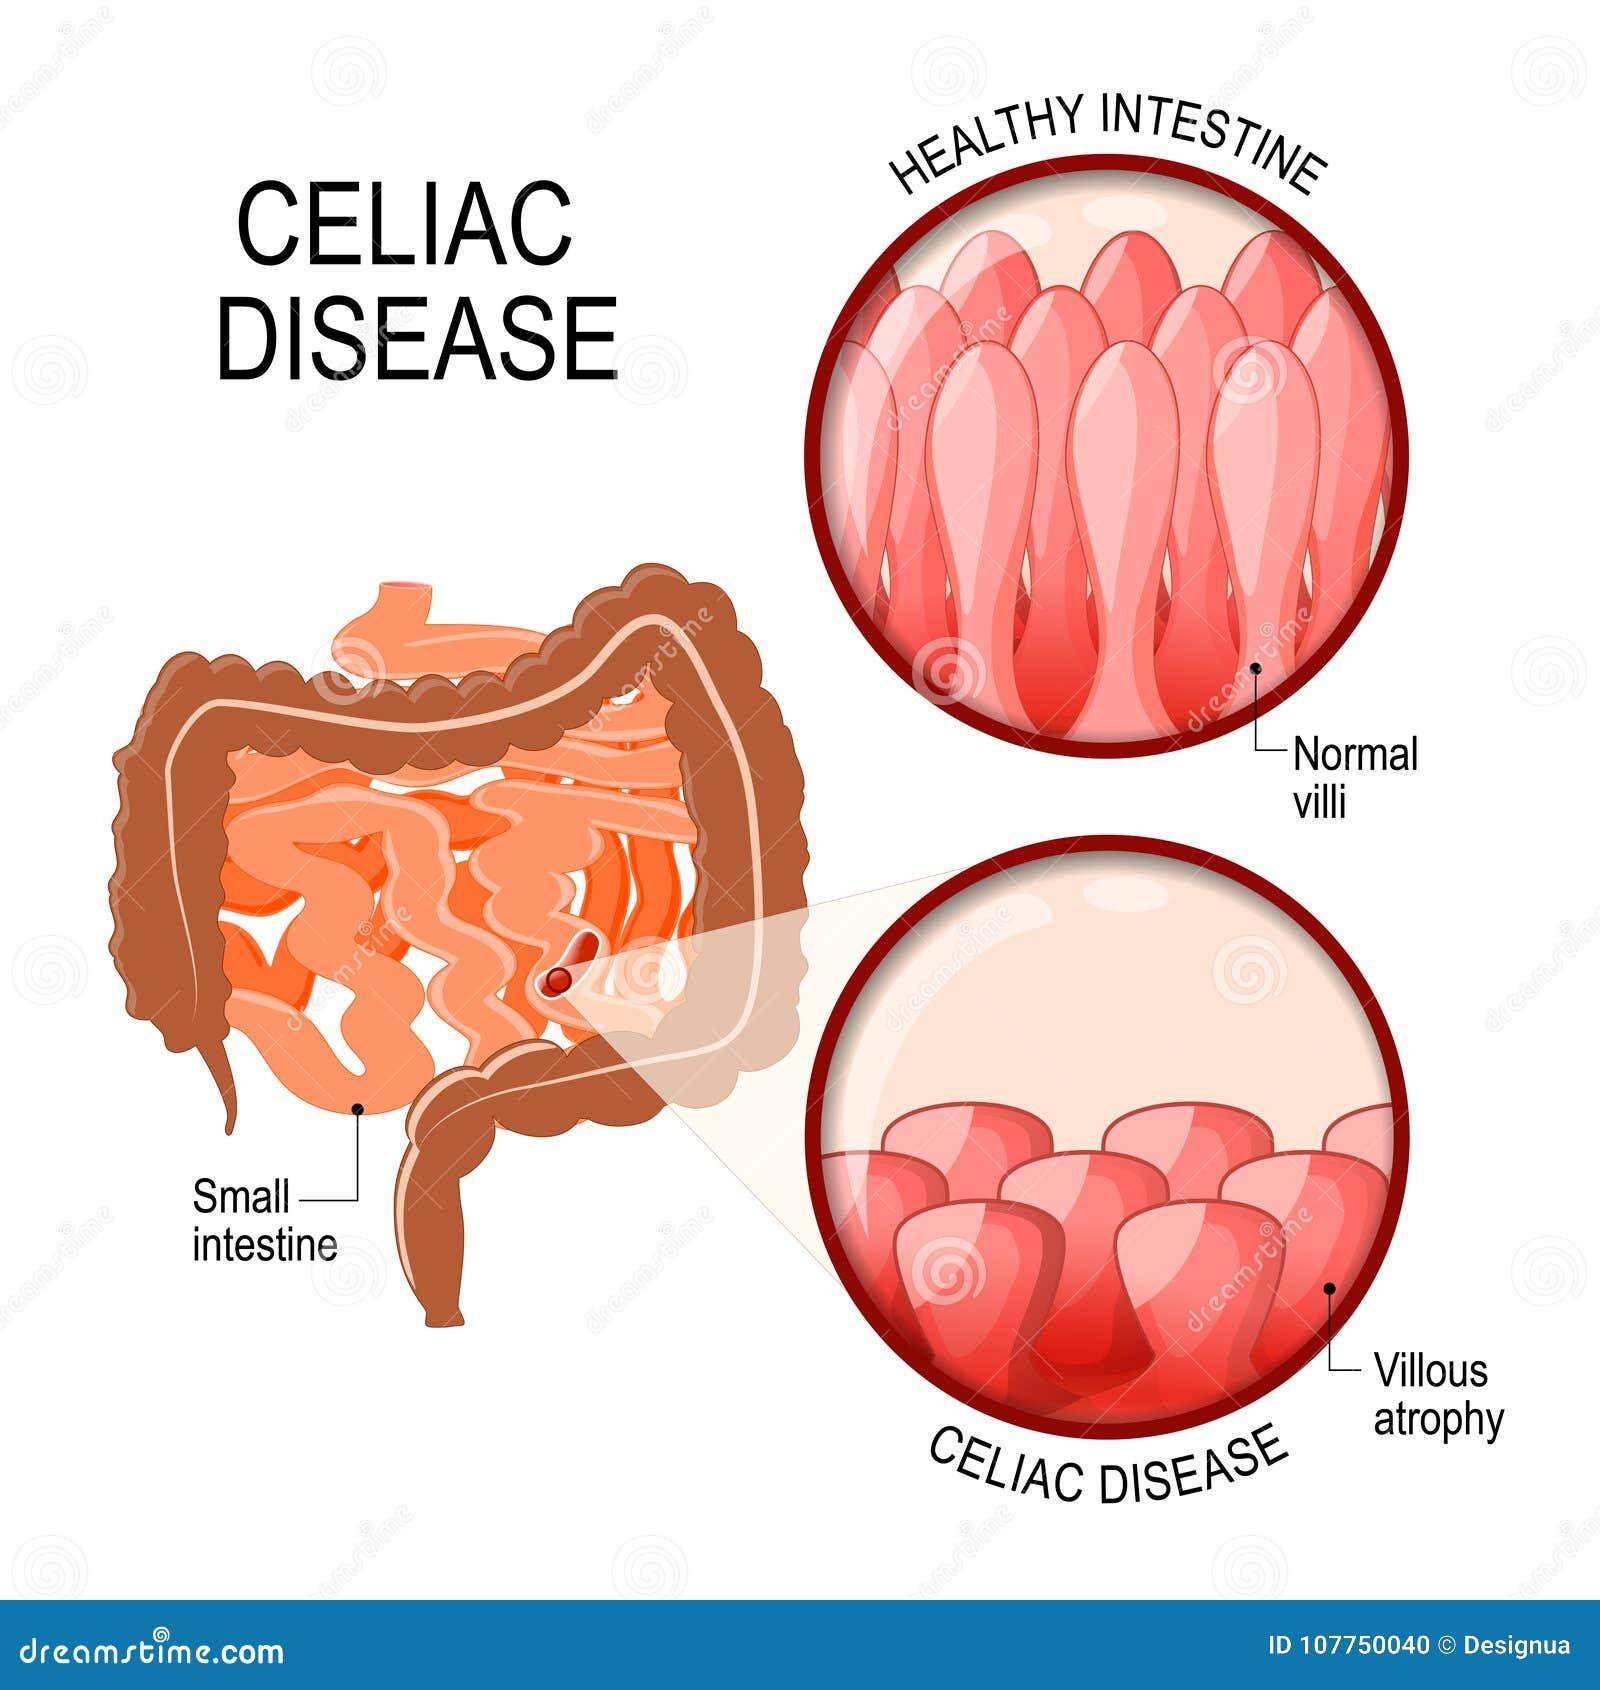 Κοιλιακή ασθένεια μικροί εντερικός με κανονικά villi, και villous